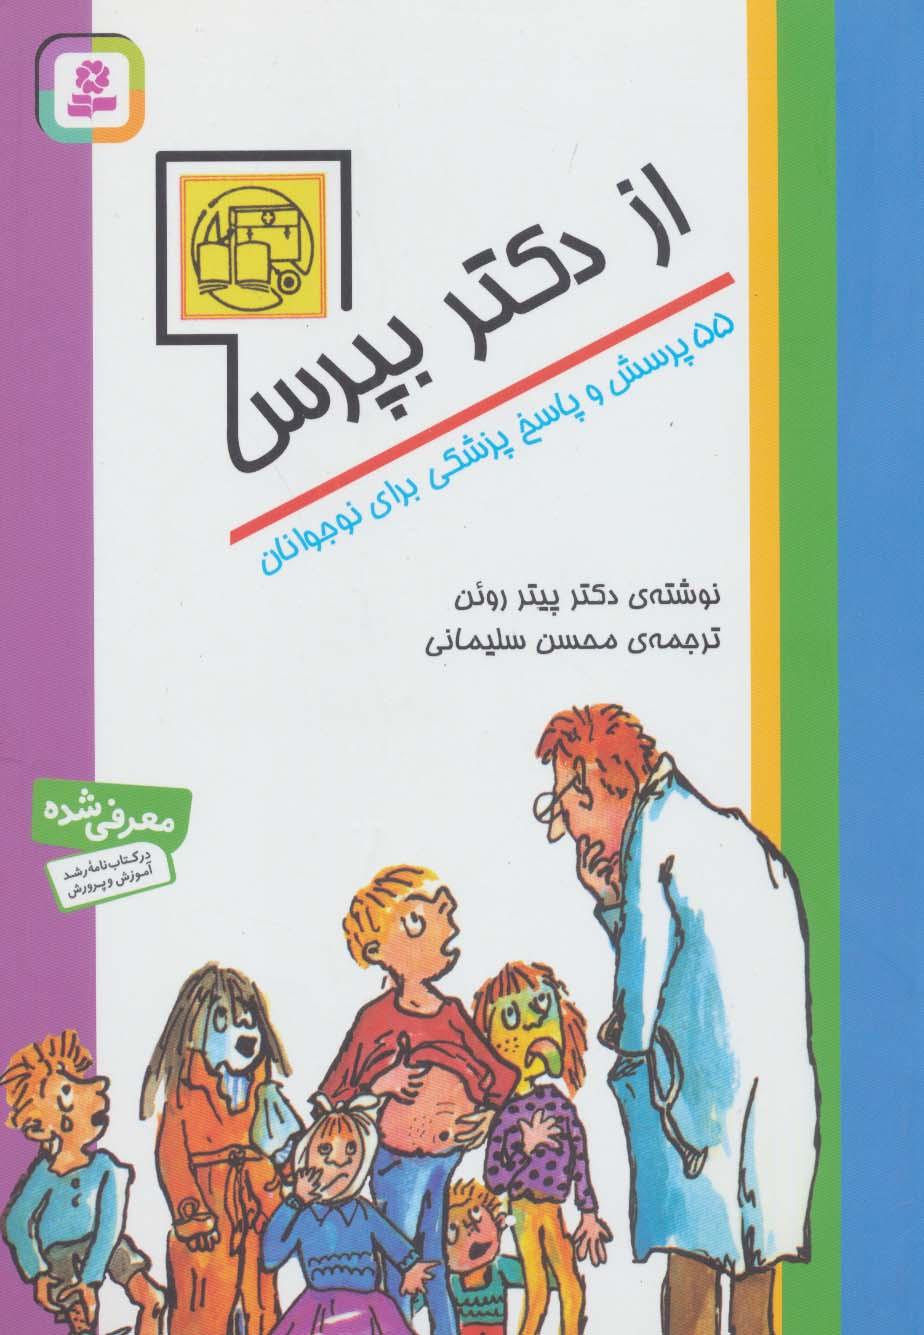 از دکتر بپرس (55 پرسش و پاسخ پزشکی برای نوجوانان)